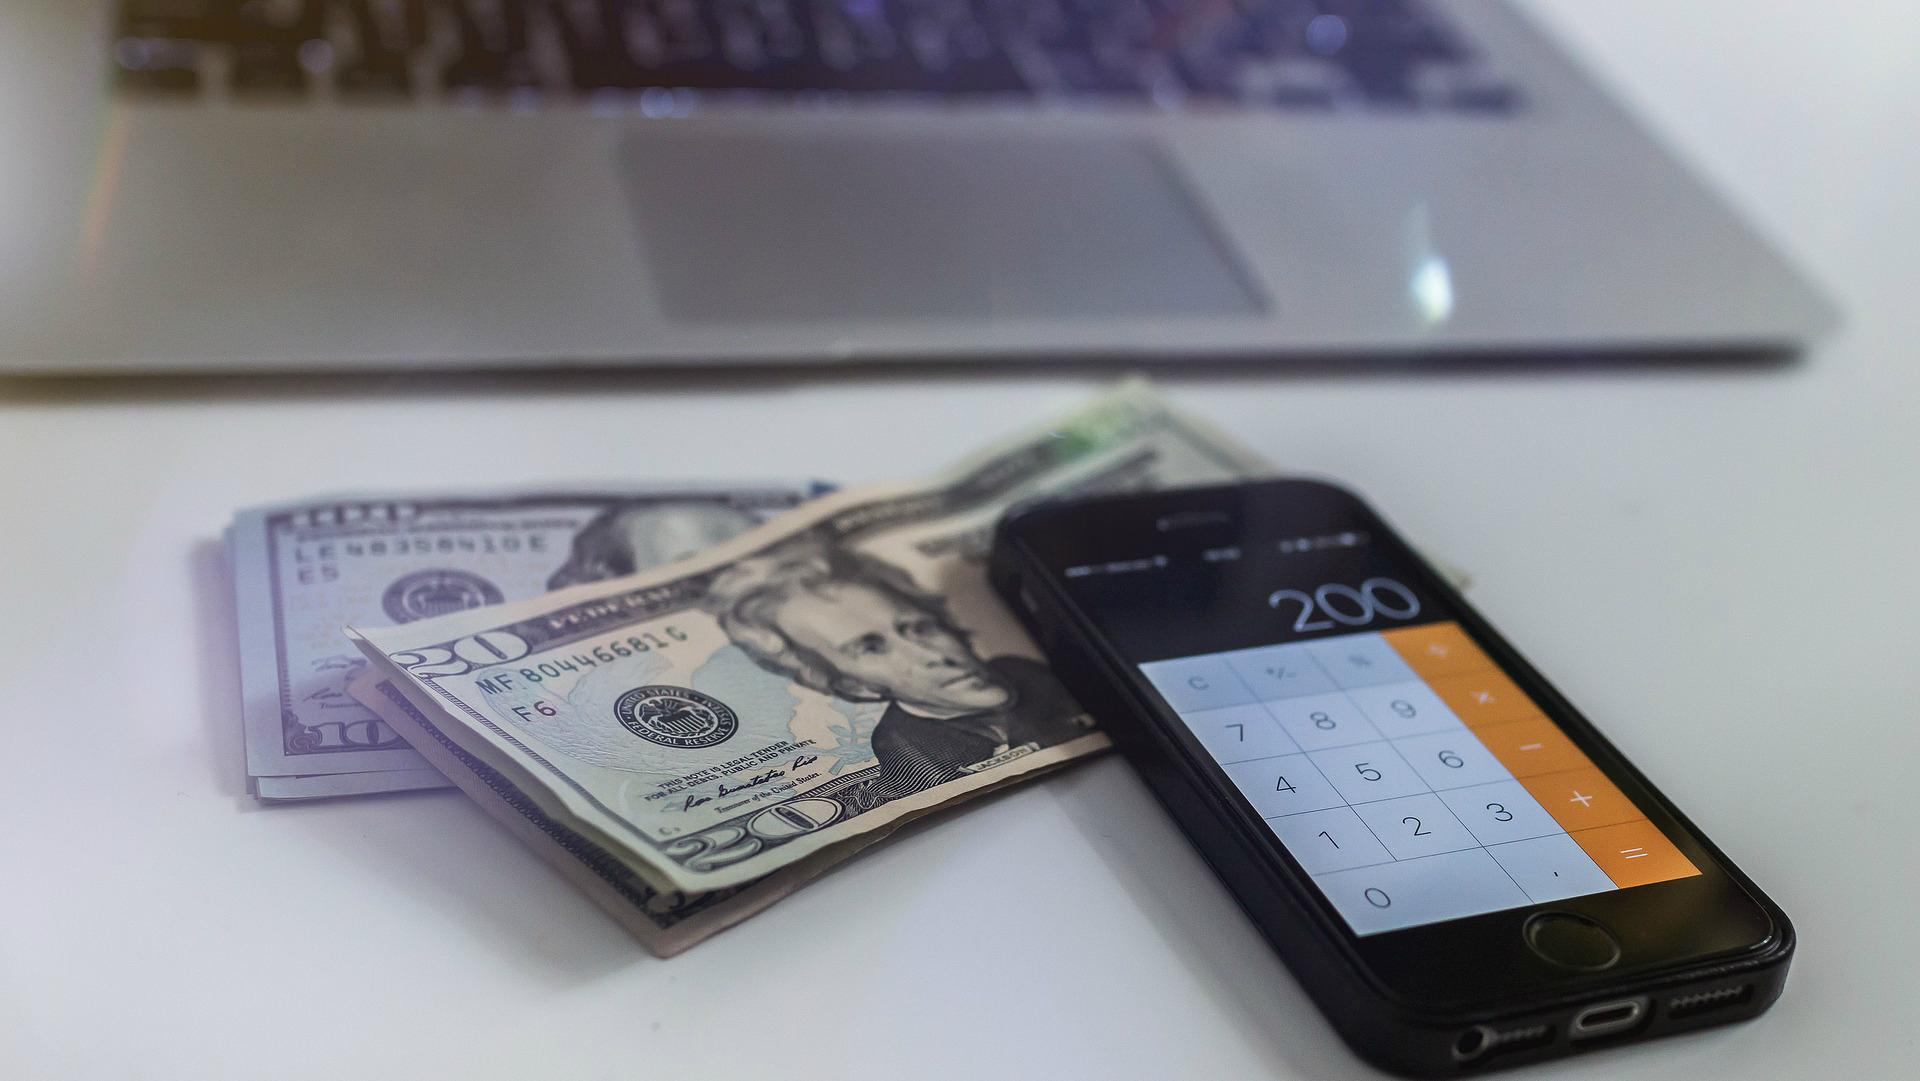 #1: Trīs veidi, kā pelnīt naudu jeb ceļā uz finanšu neatkarību - DELFI